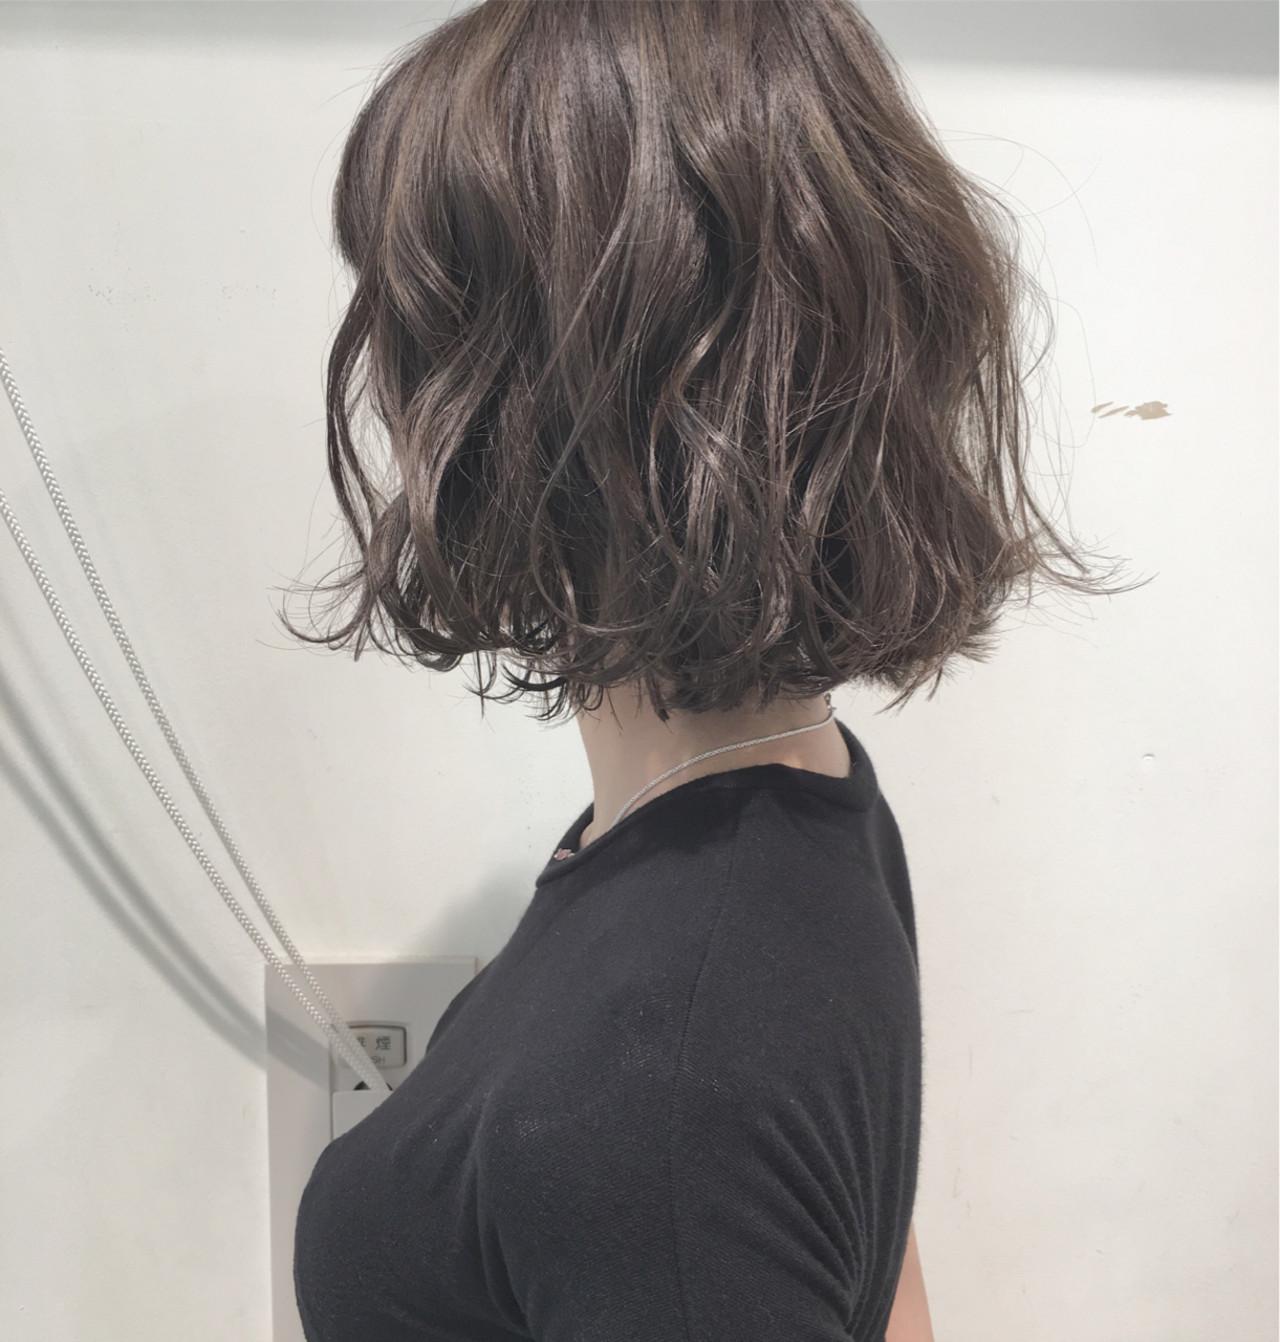 透明感 パーマ ナチュラル ボブ ヘアスタイルや髪型の写真・画像 | 市岡 久 / BLANCOtres